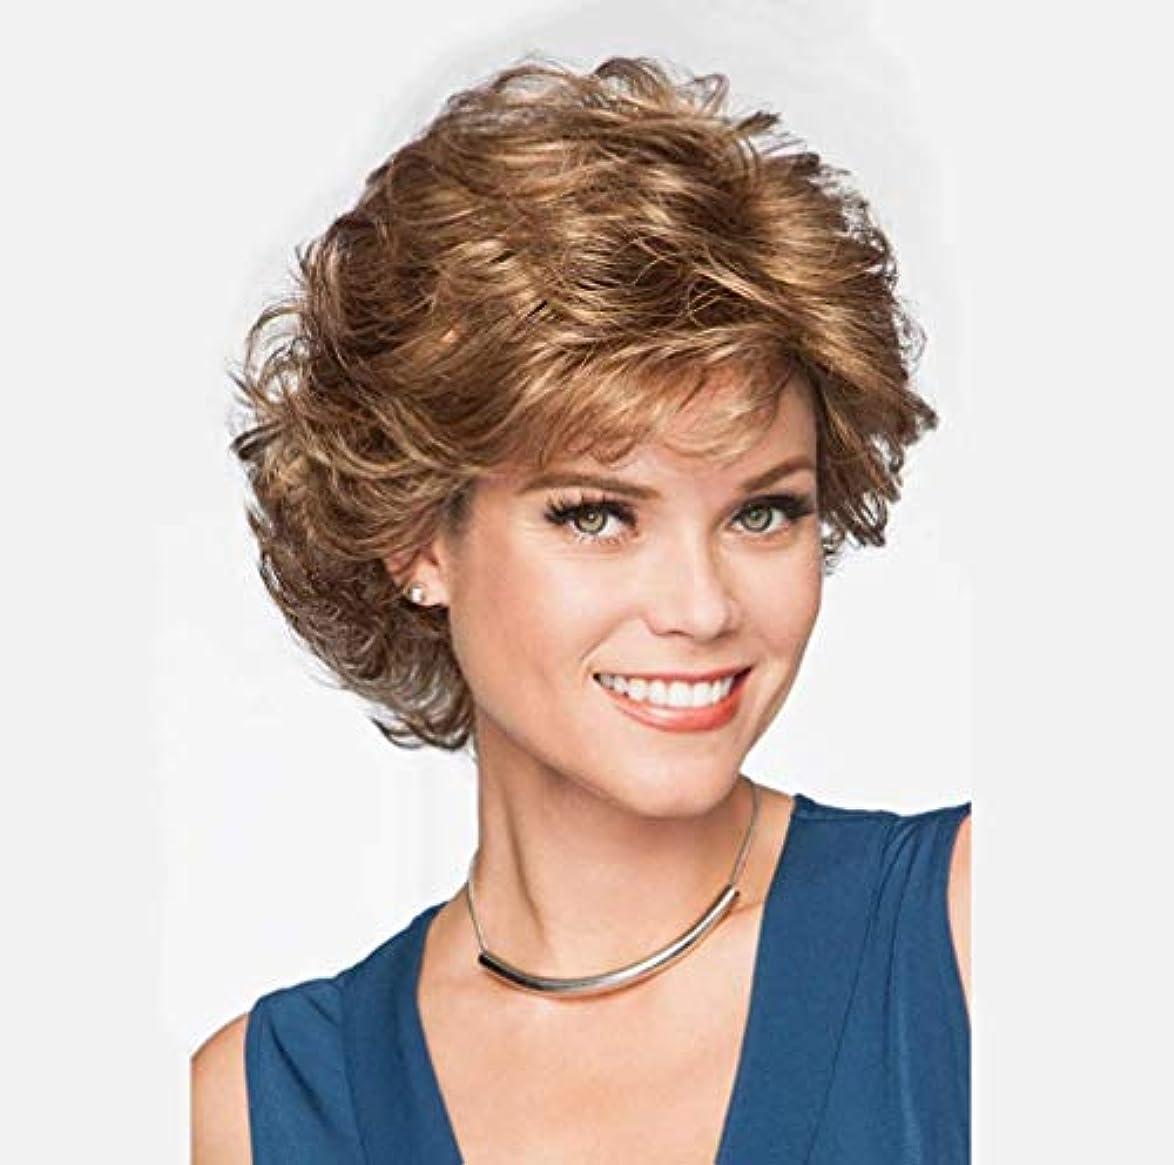 定規ジャンク横向き女性かつら耐熱合成繊維短い人間の髪かつらカールブラジルバージン人間の髪短いかつら150%密度28センチ